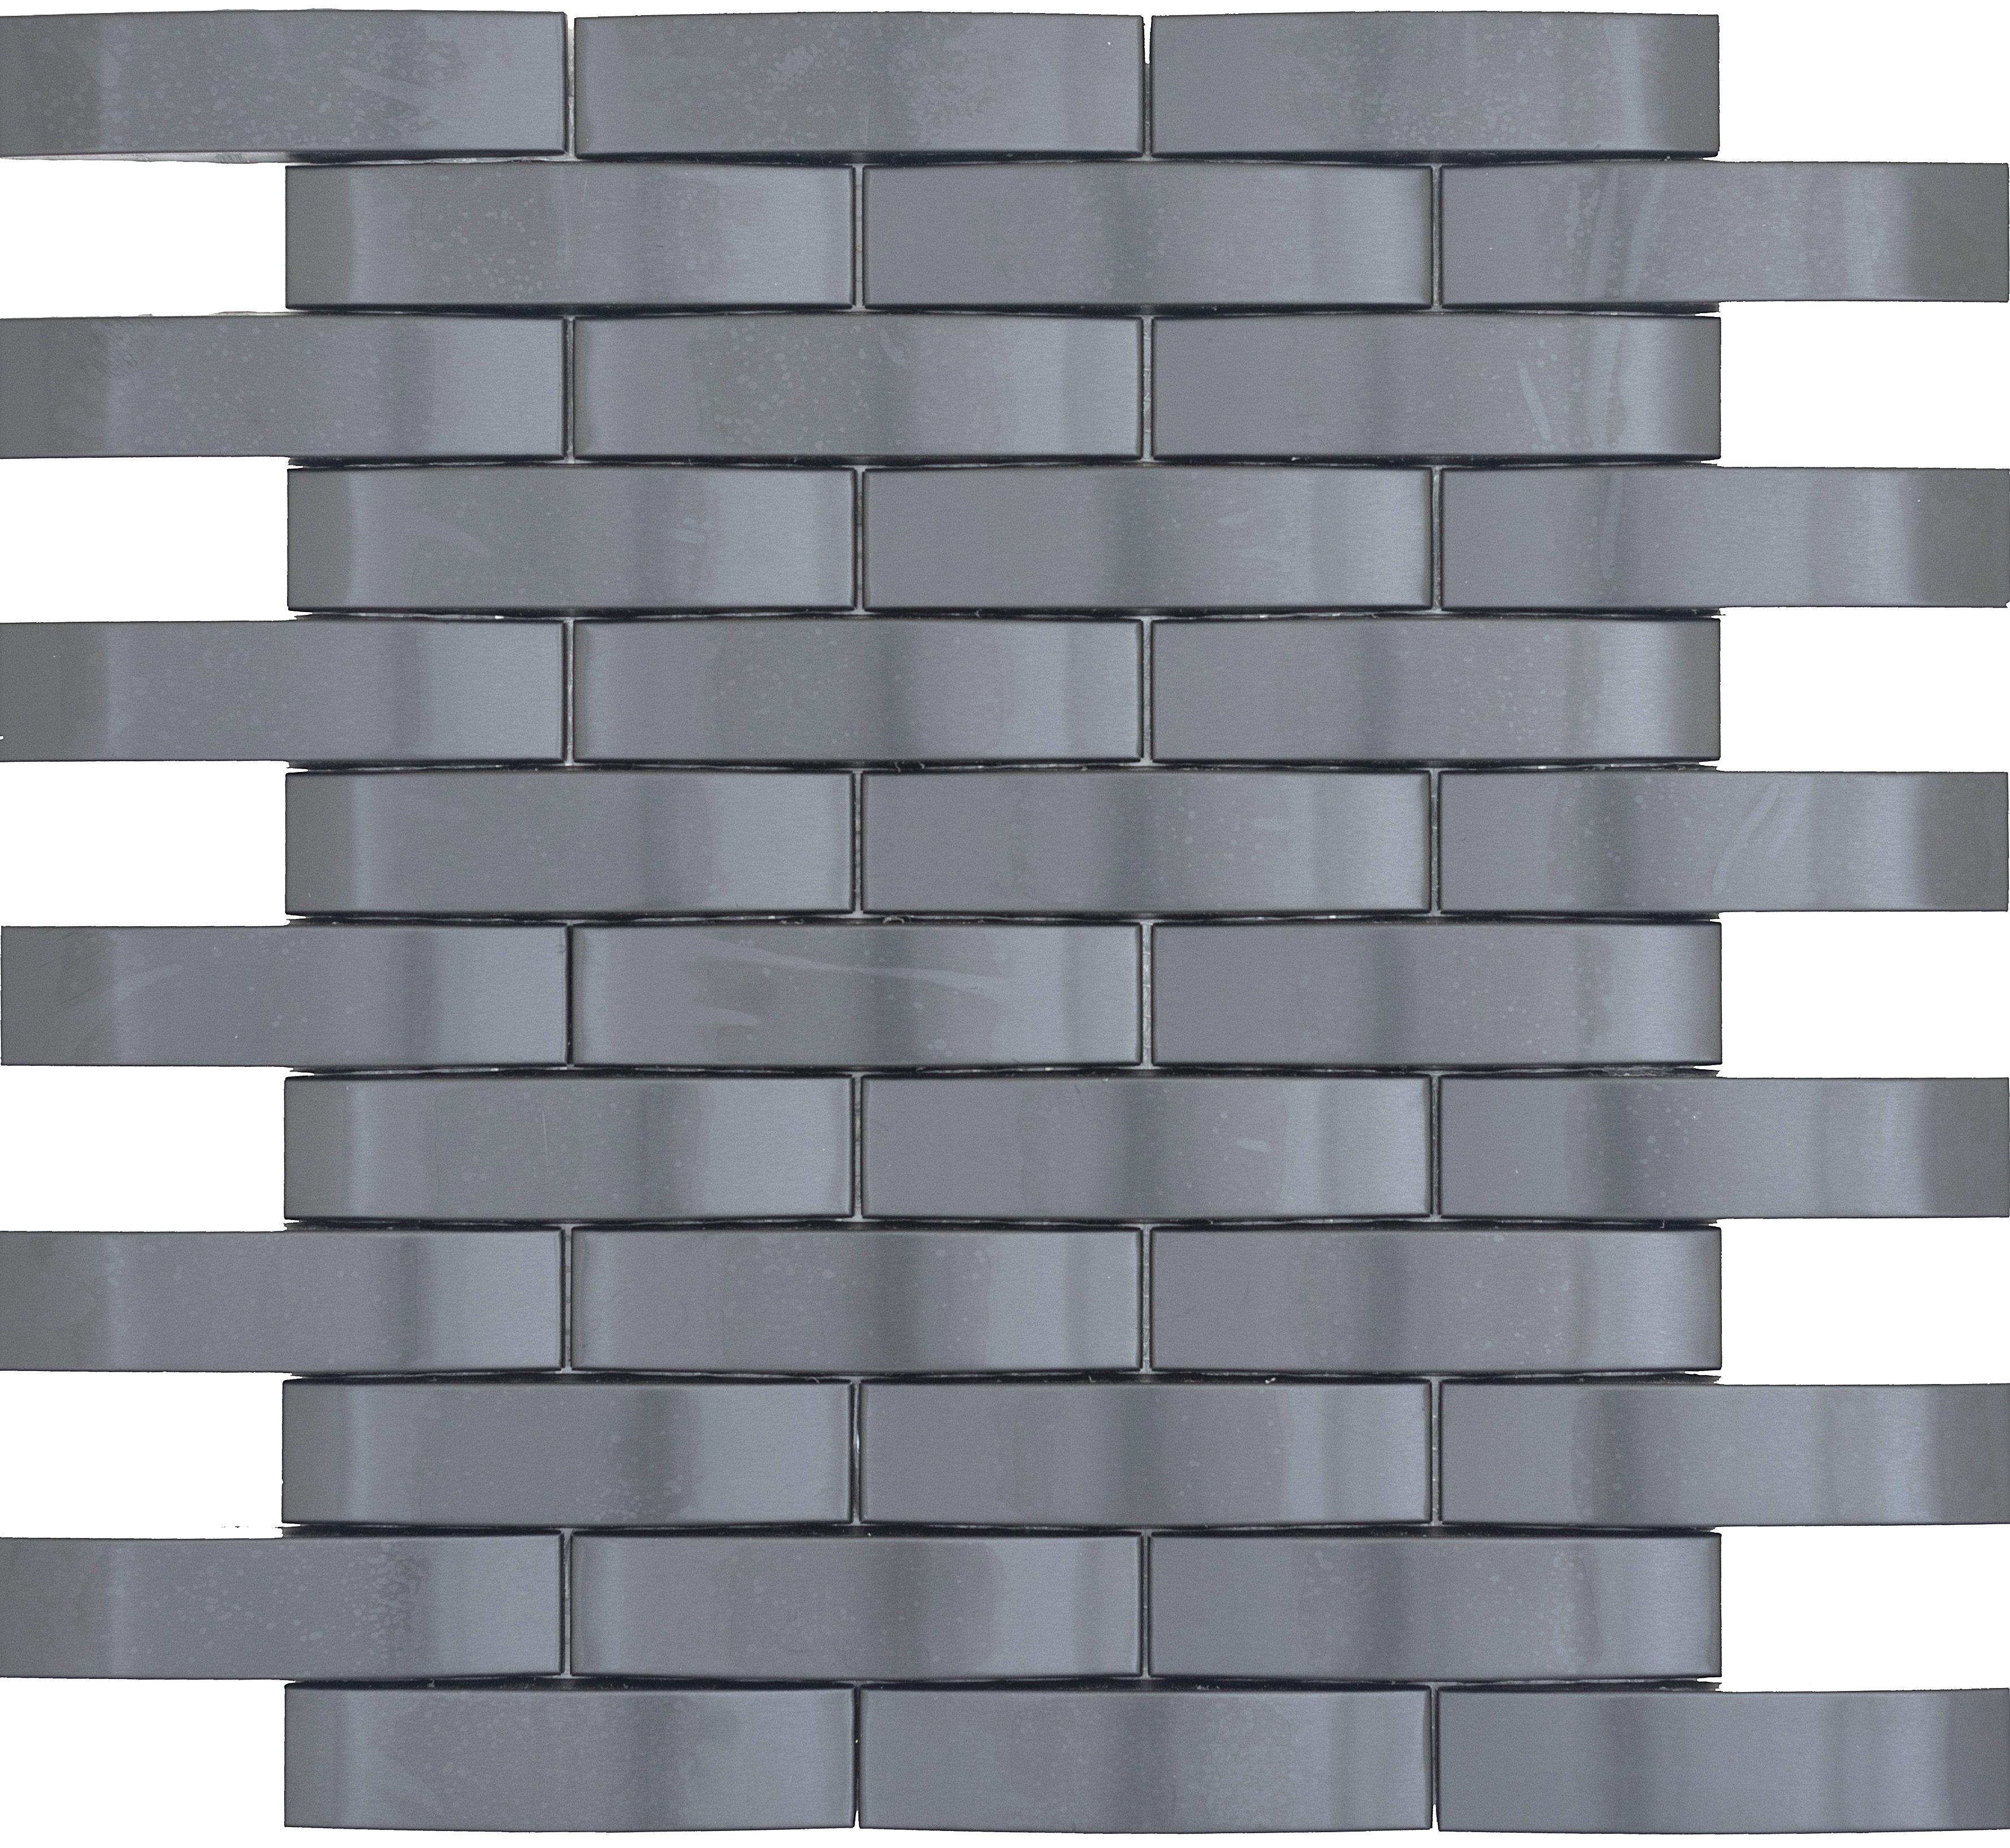 Emser Tile Gleam 11 X 12 Metal Over Ceramic Wave Mosaic Tile In